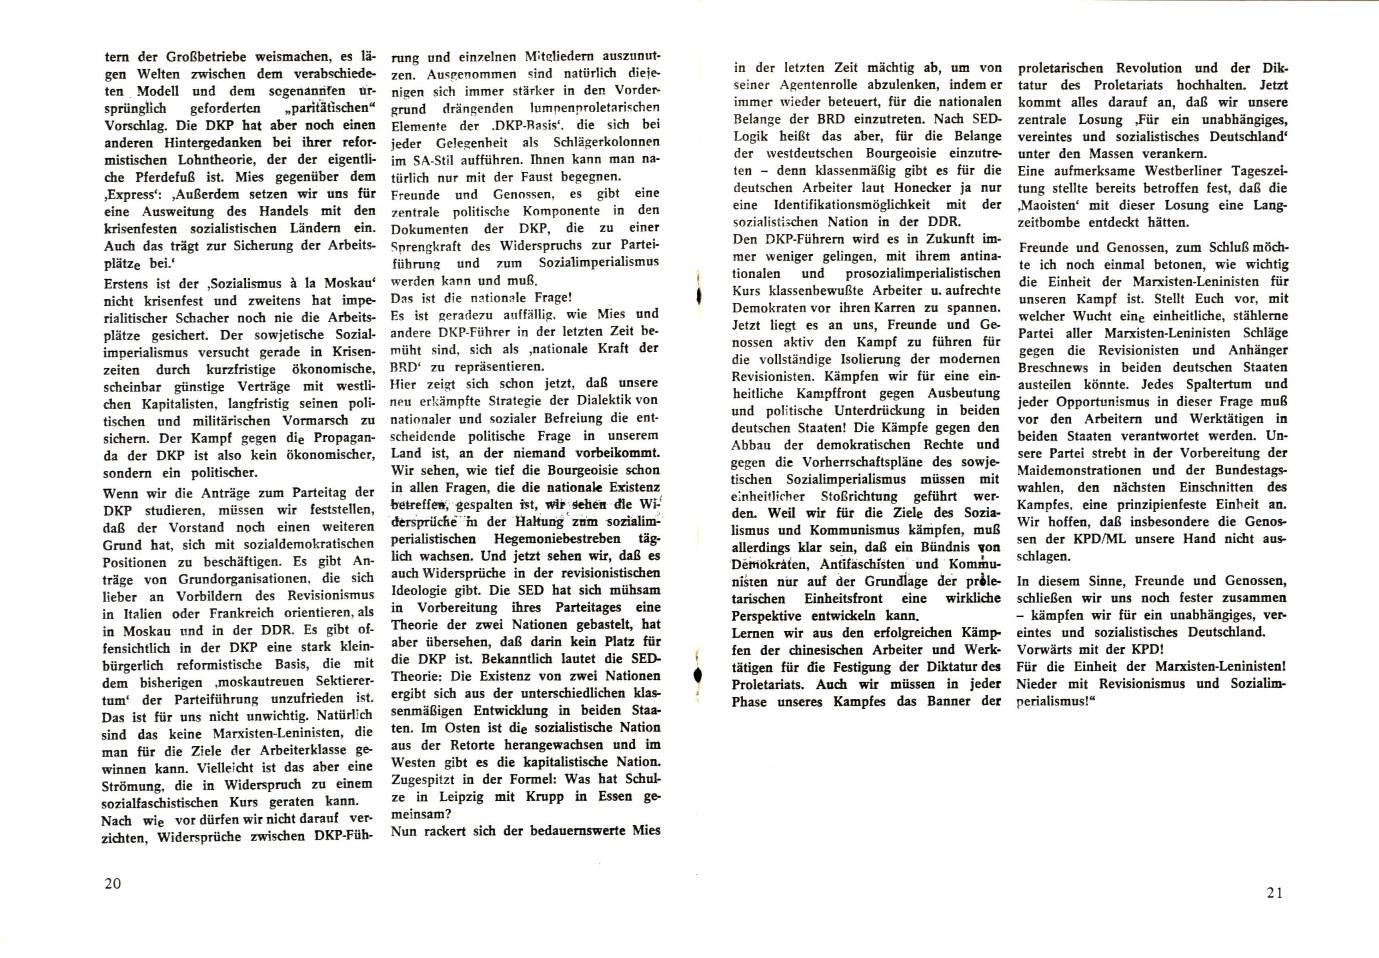 KPDAO_1976_Artikel_DKP_Breschnew_12